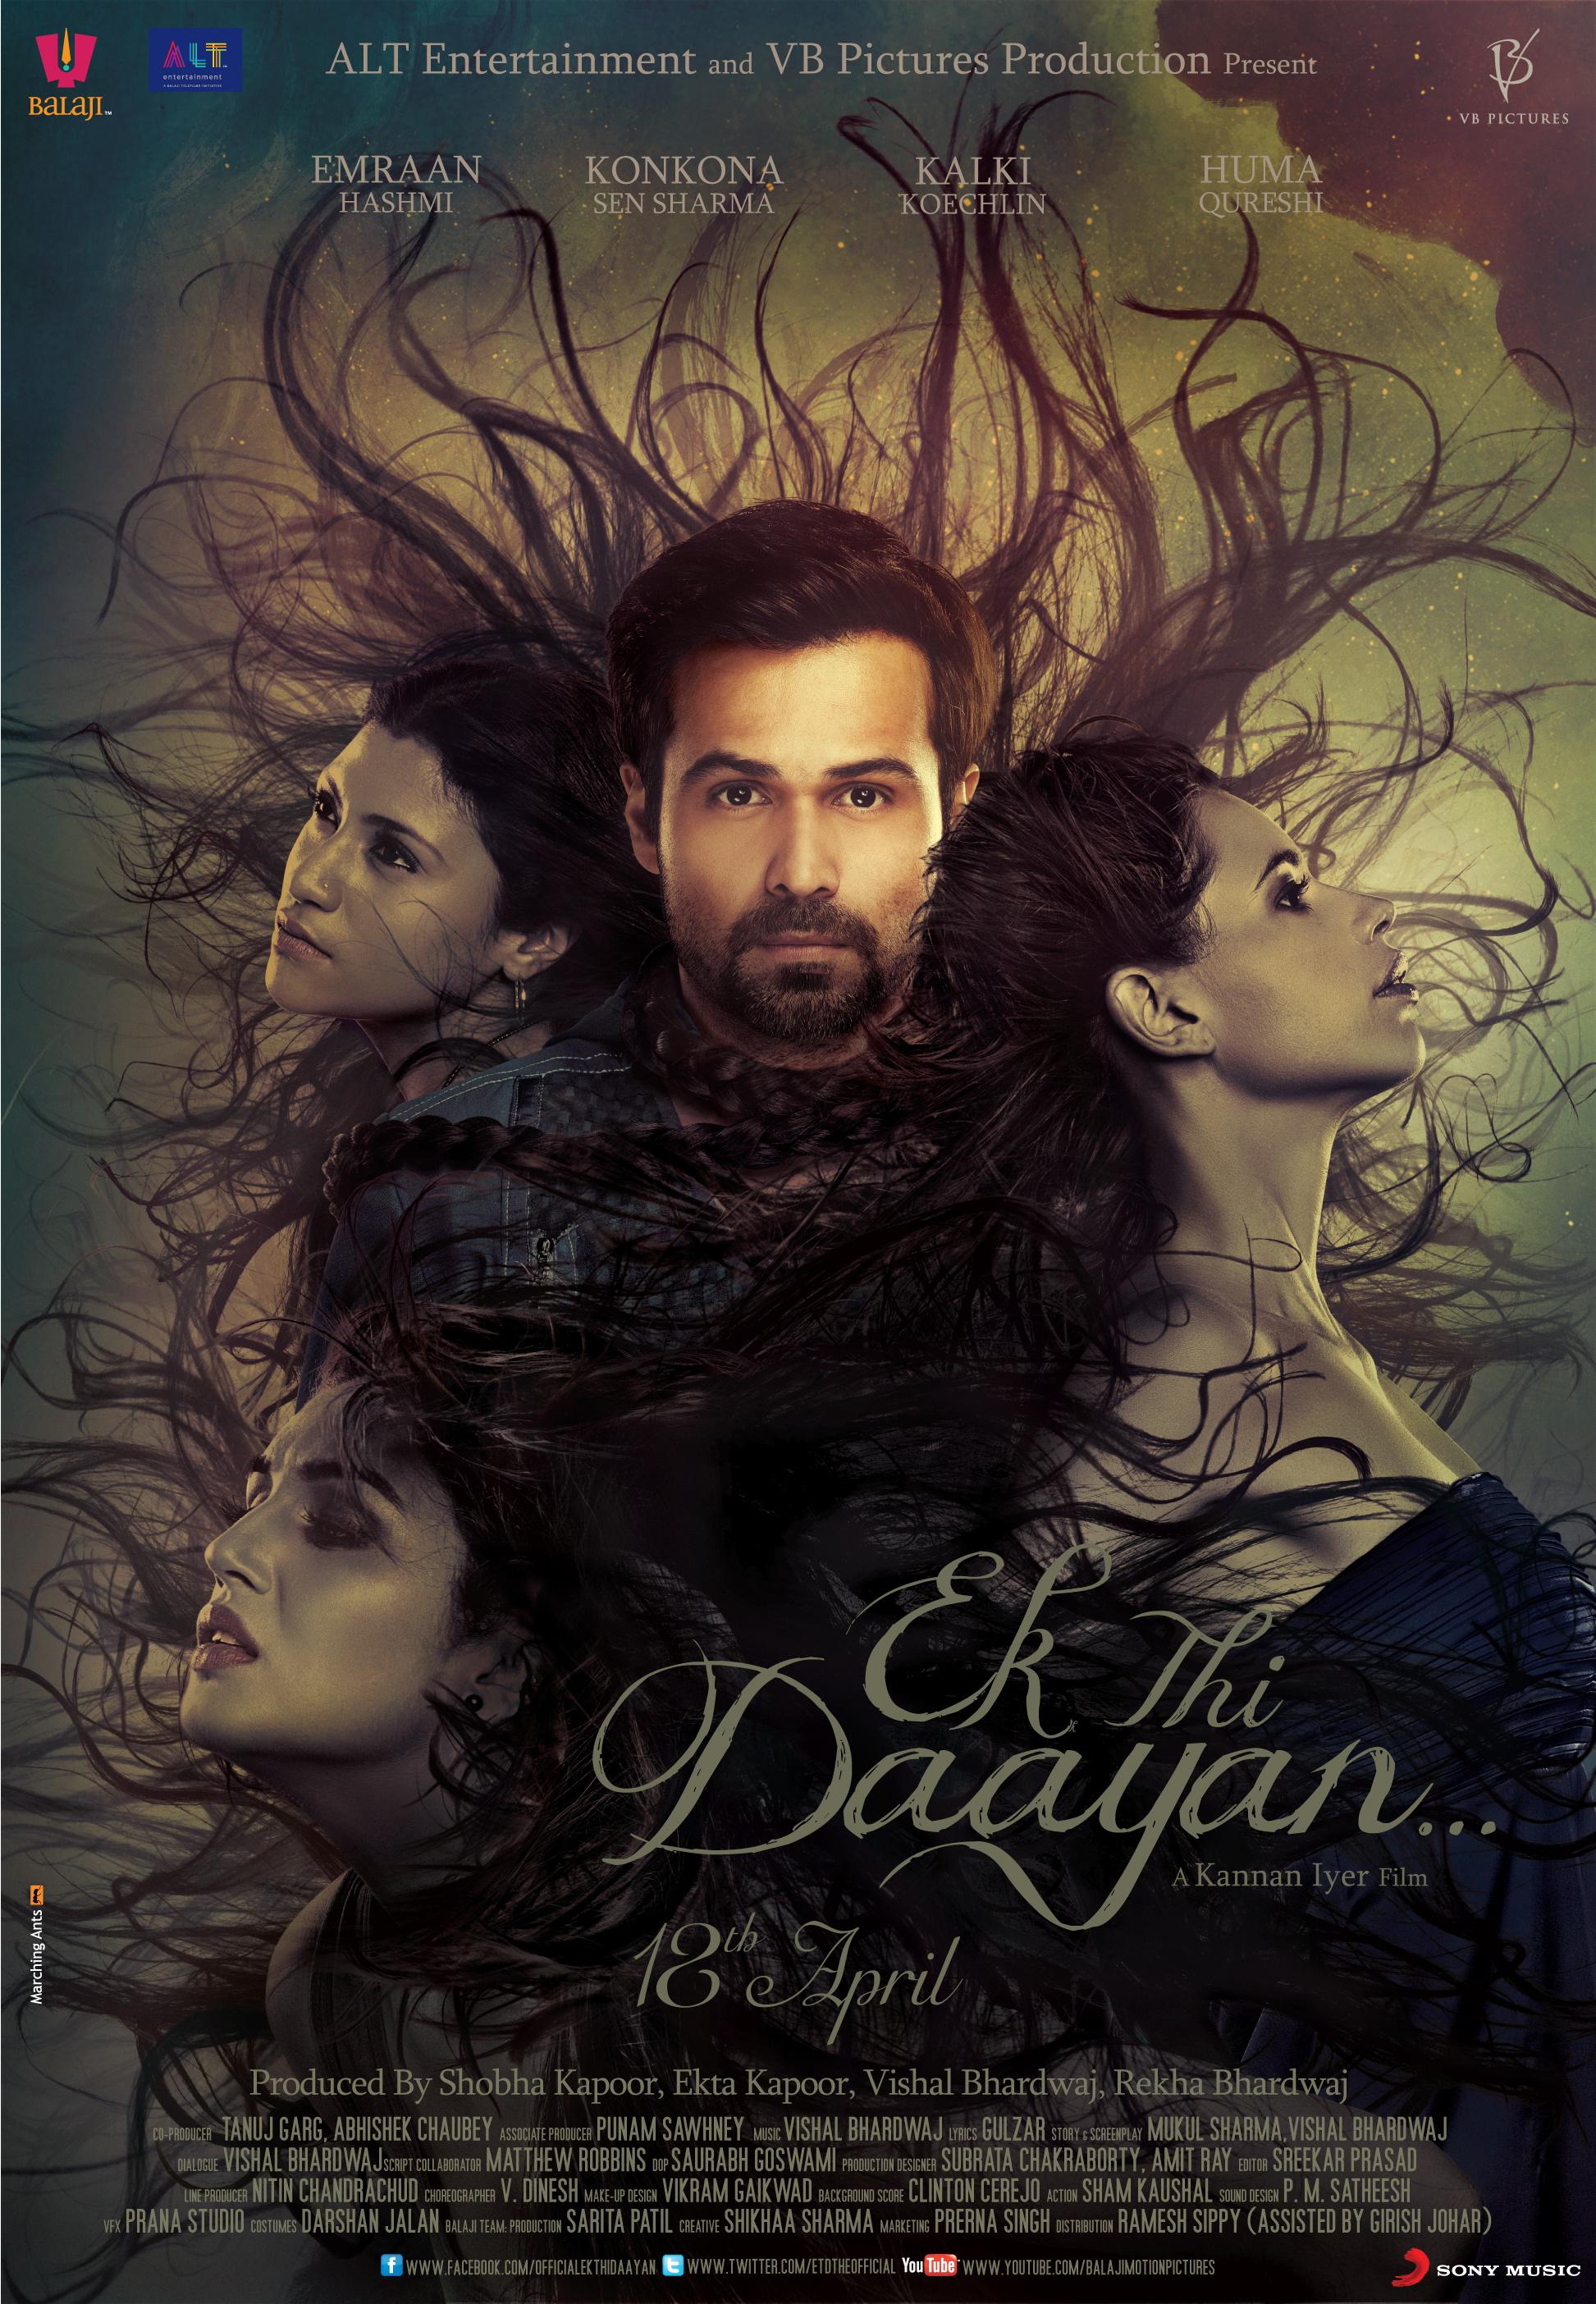 Ek Thi Daayan - Movie Poster #1 (Original)